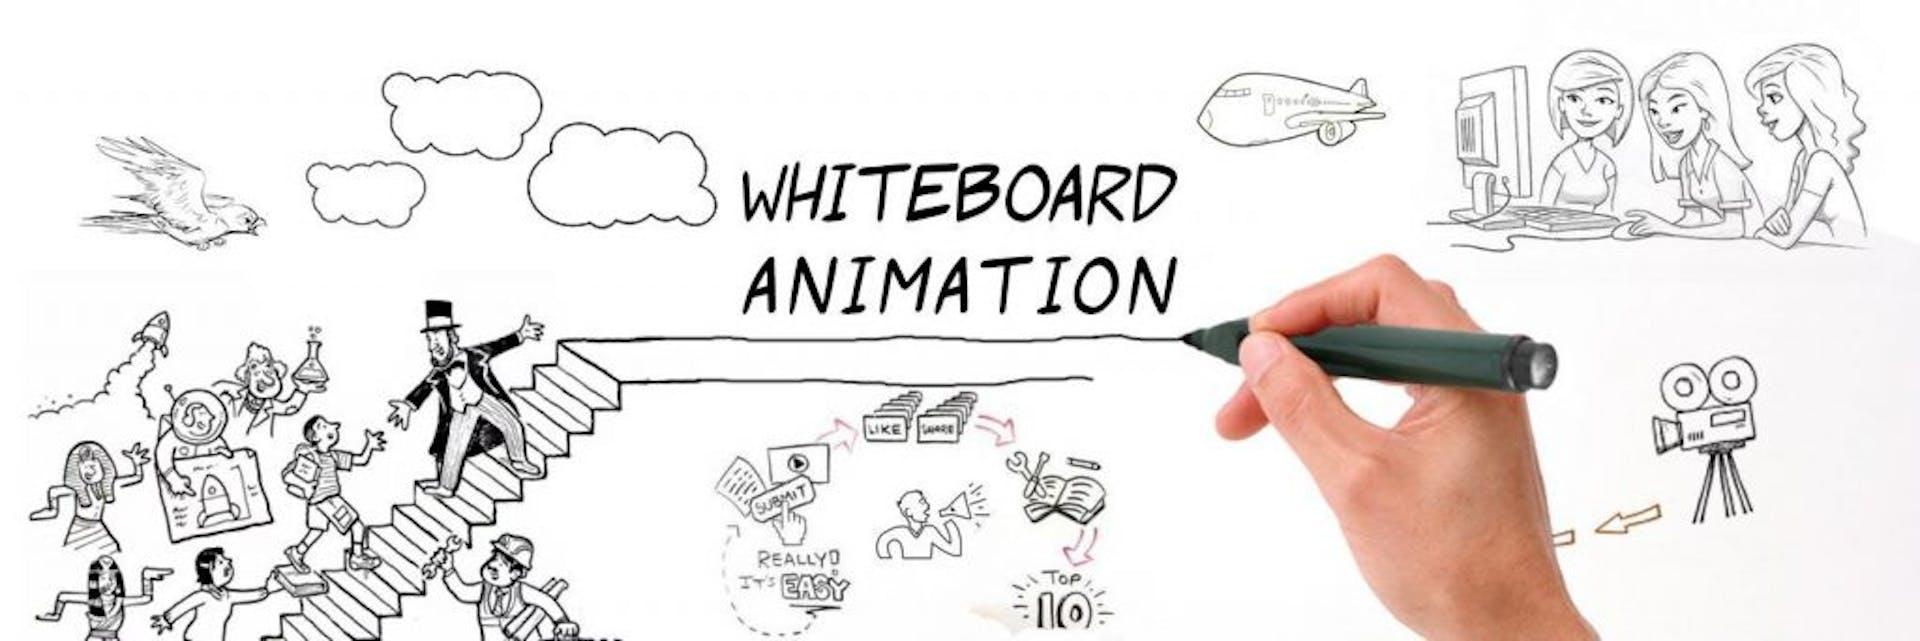 Qué es el whiteboard video y por qué deberías empezar a utilizarlo